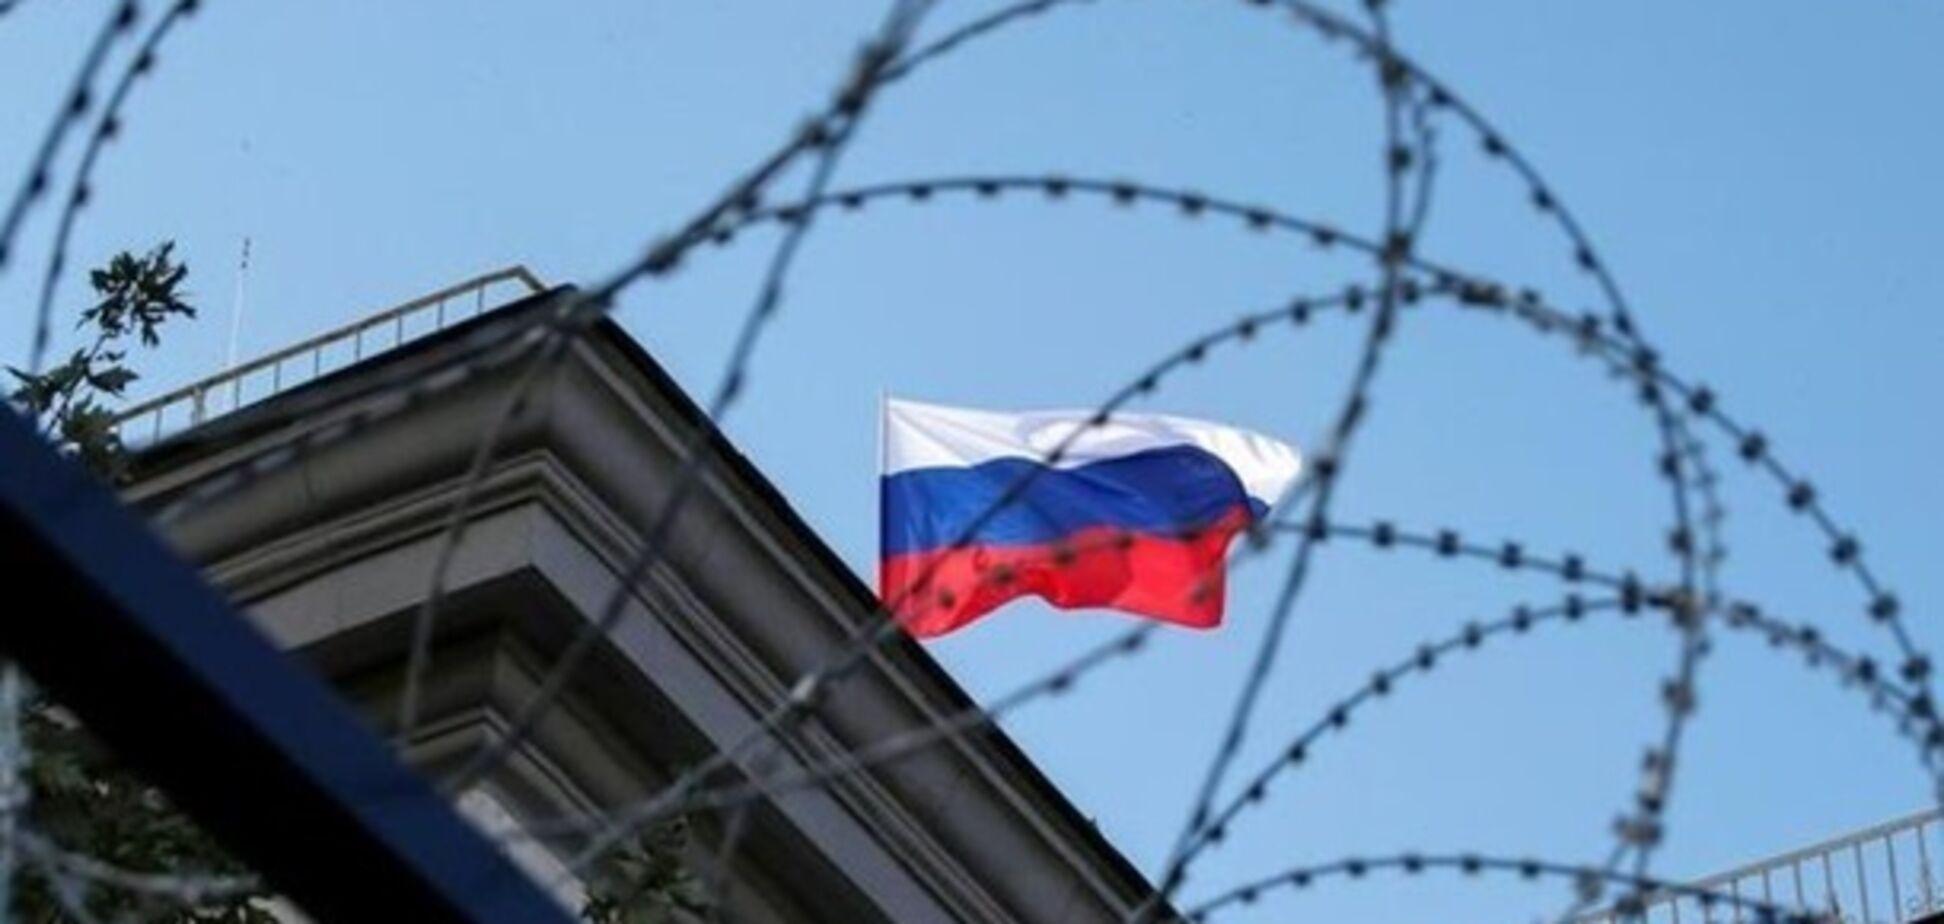 ЄС приготував новий удар по Росії через провокації у морі: що відомо